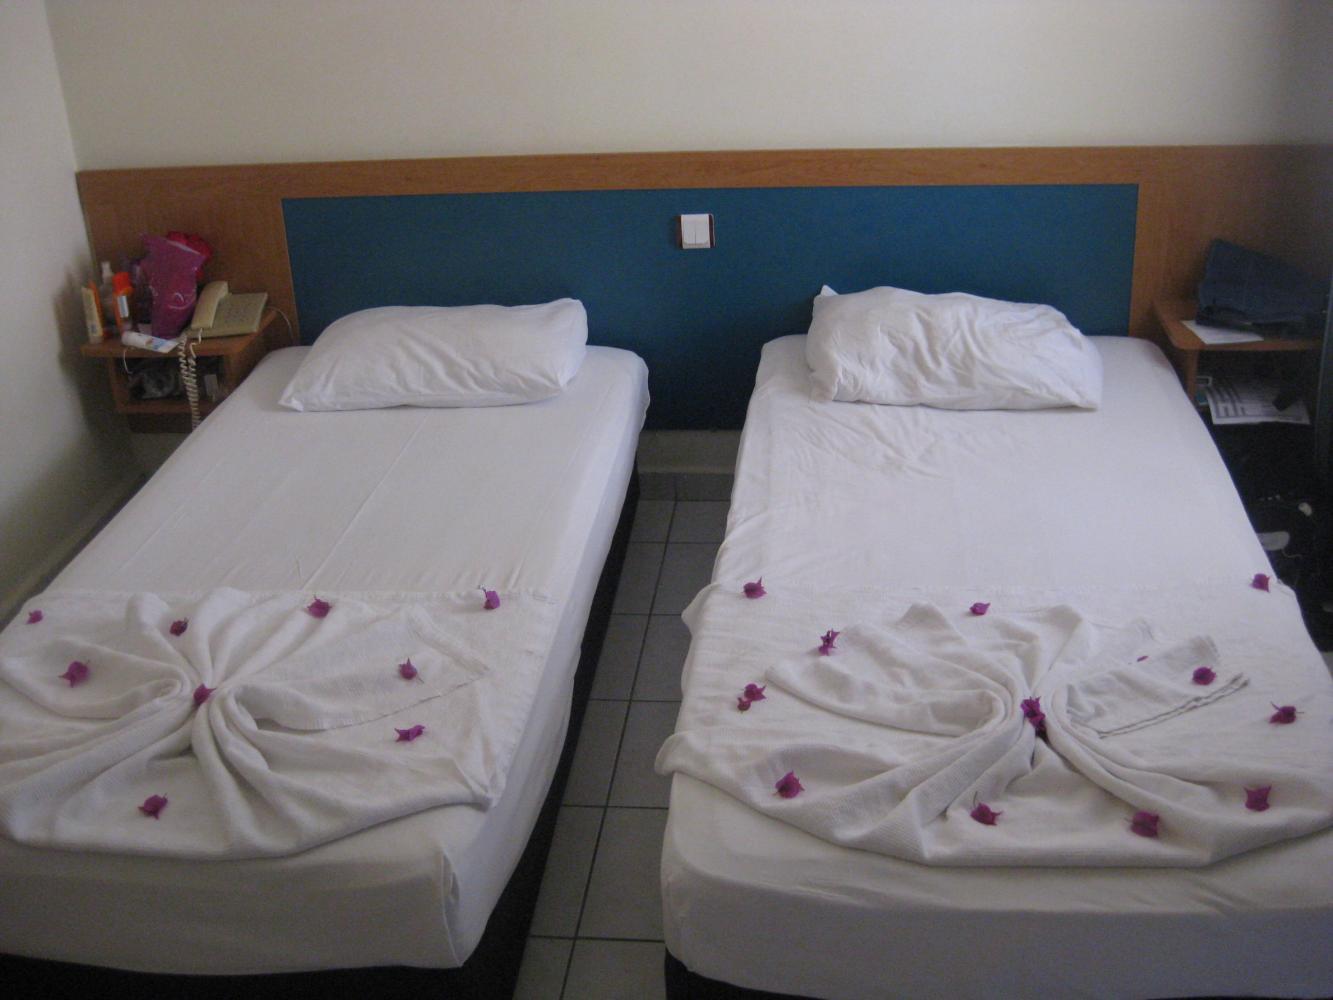 Кровати в двухместном номере